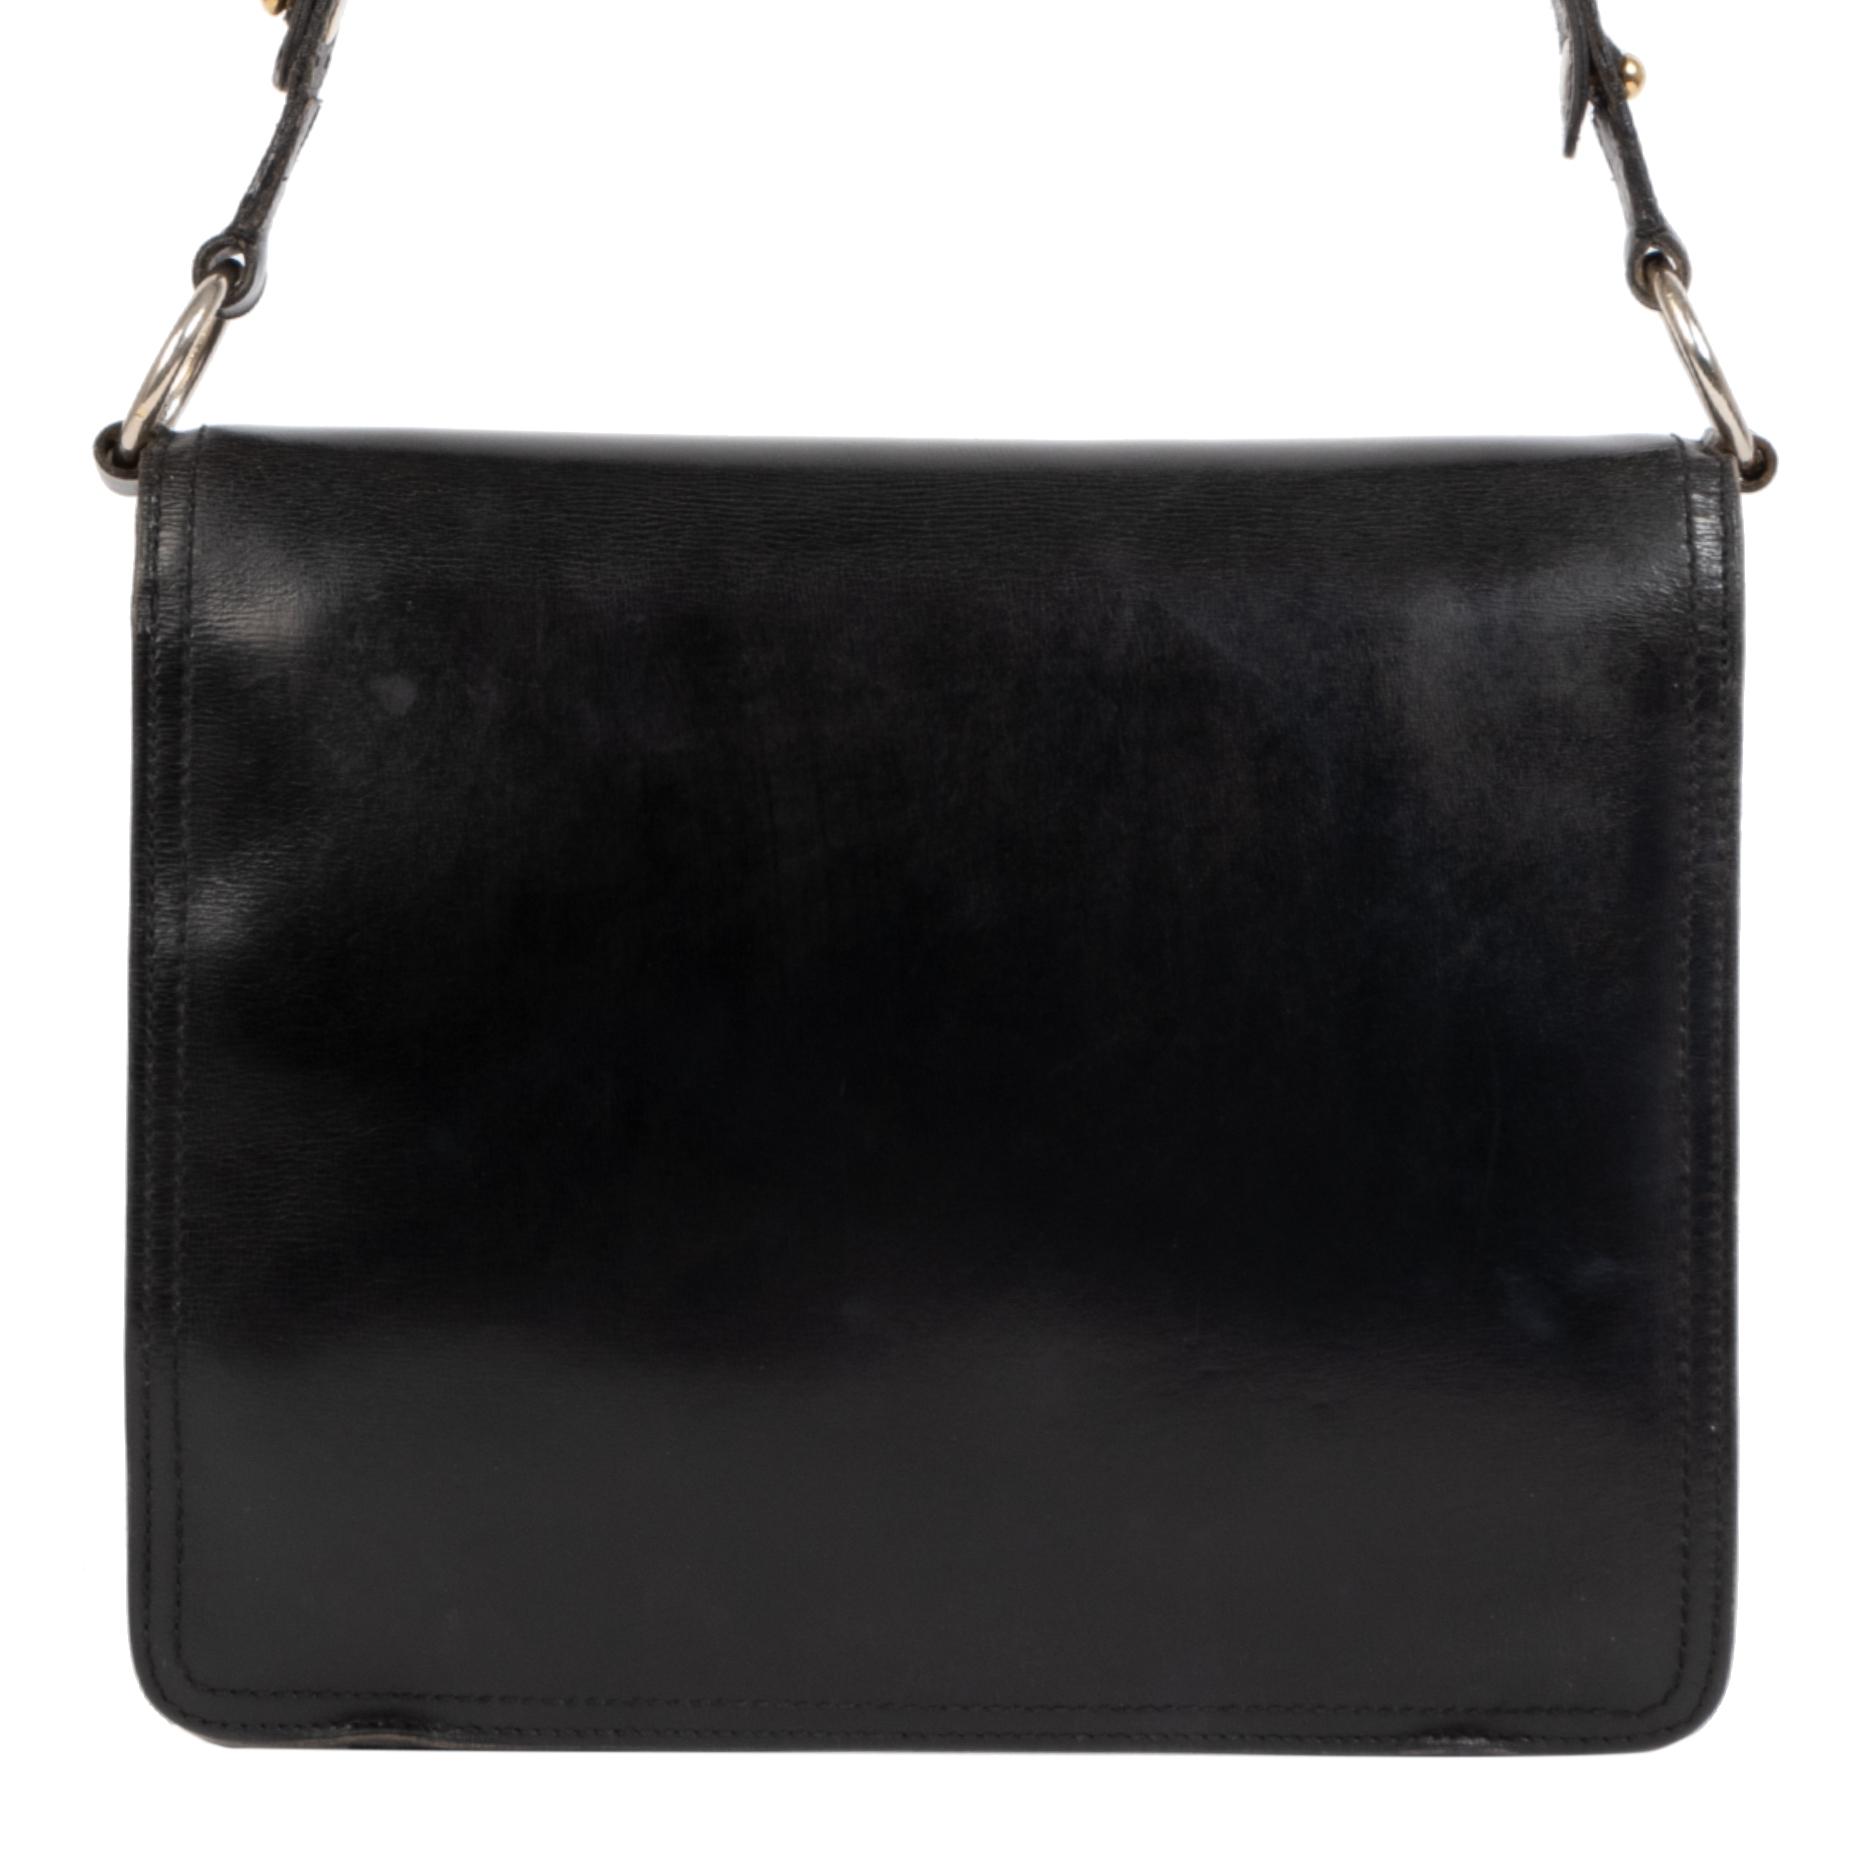 Authentieke Tweedehands Delvaux Black Leather DD Shoulder Bag juiste prijs veilig online shoppen luxe merken webshop winkelen Antwerpen België mode fashion